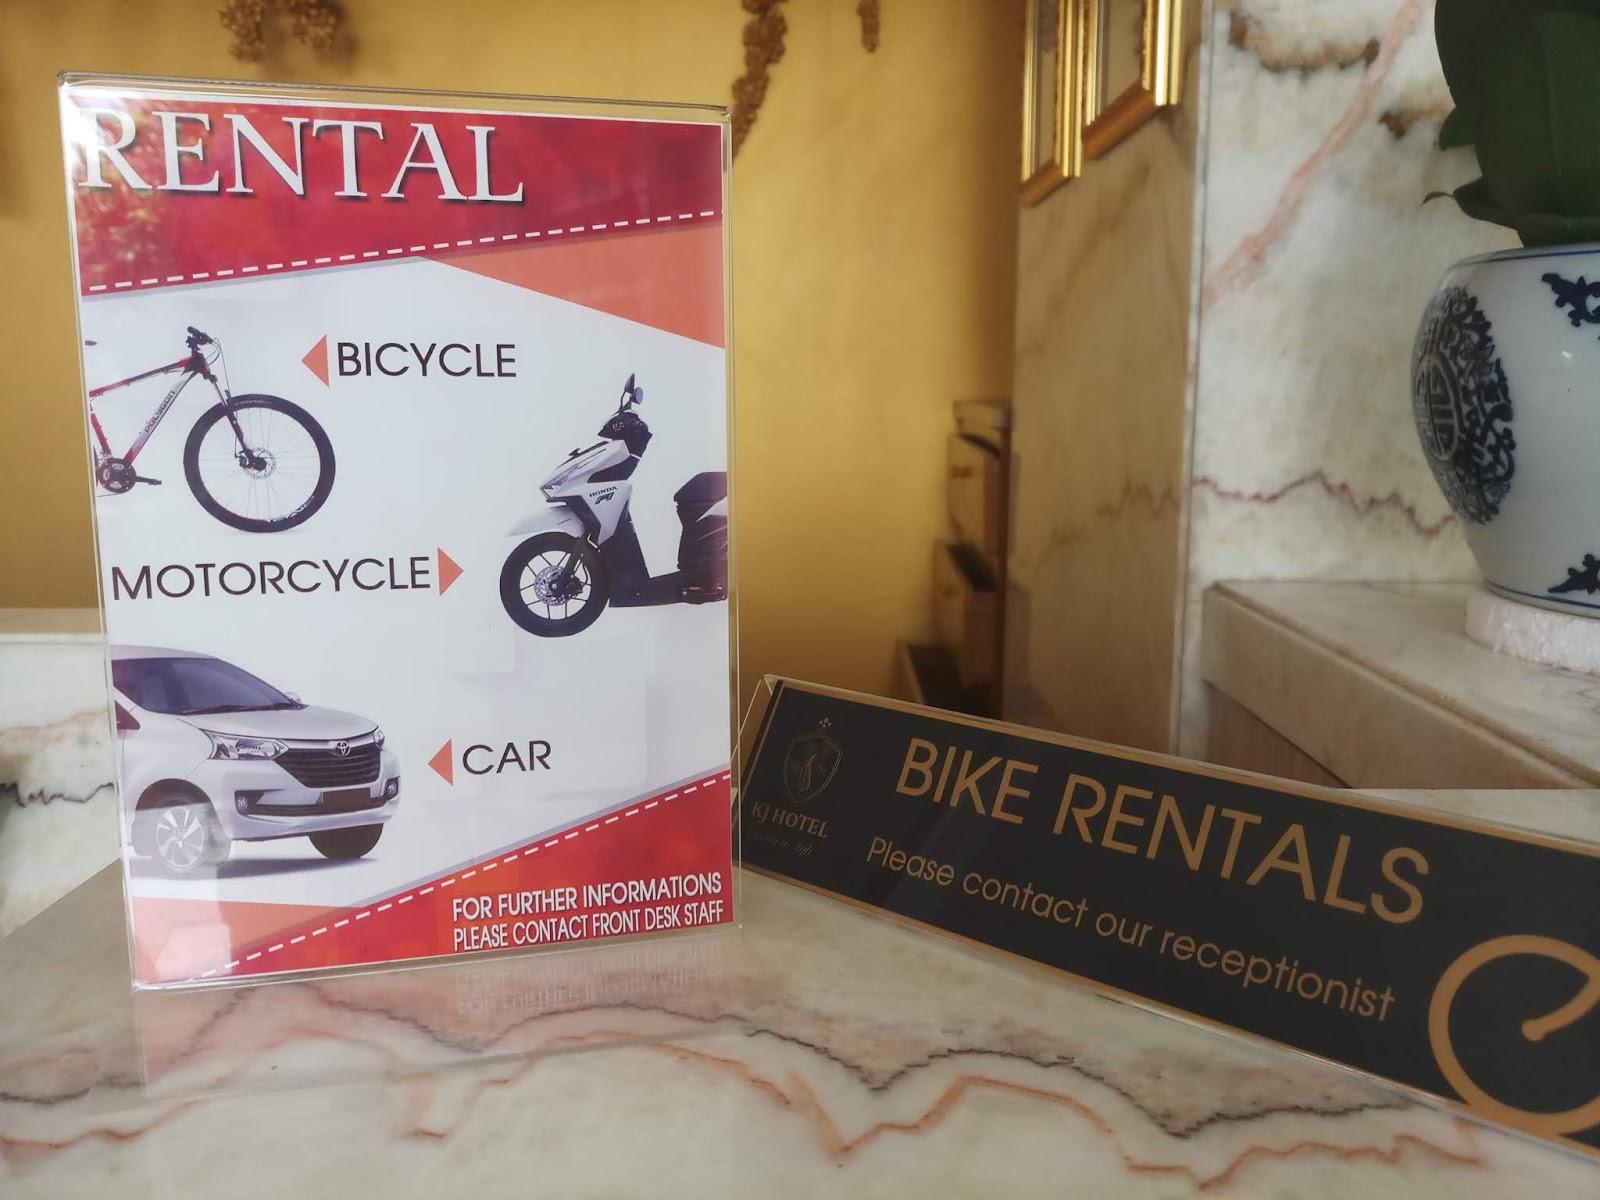 Sewa sepeda motor dan mobil juga ada.